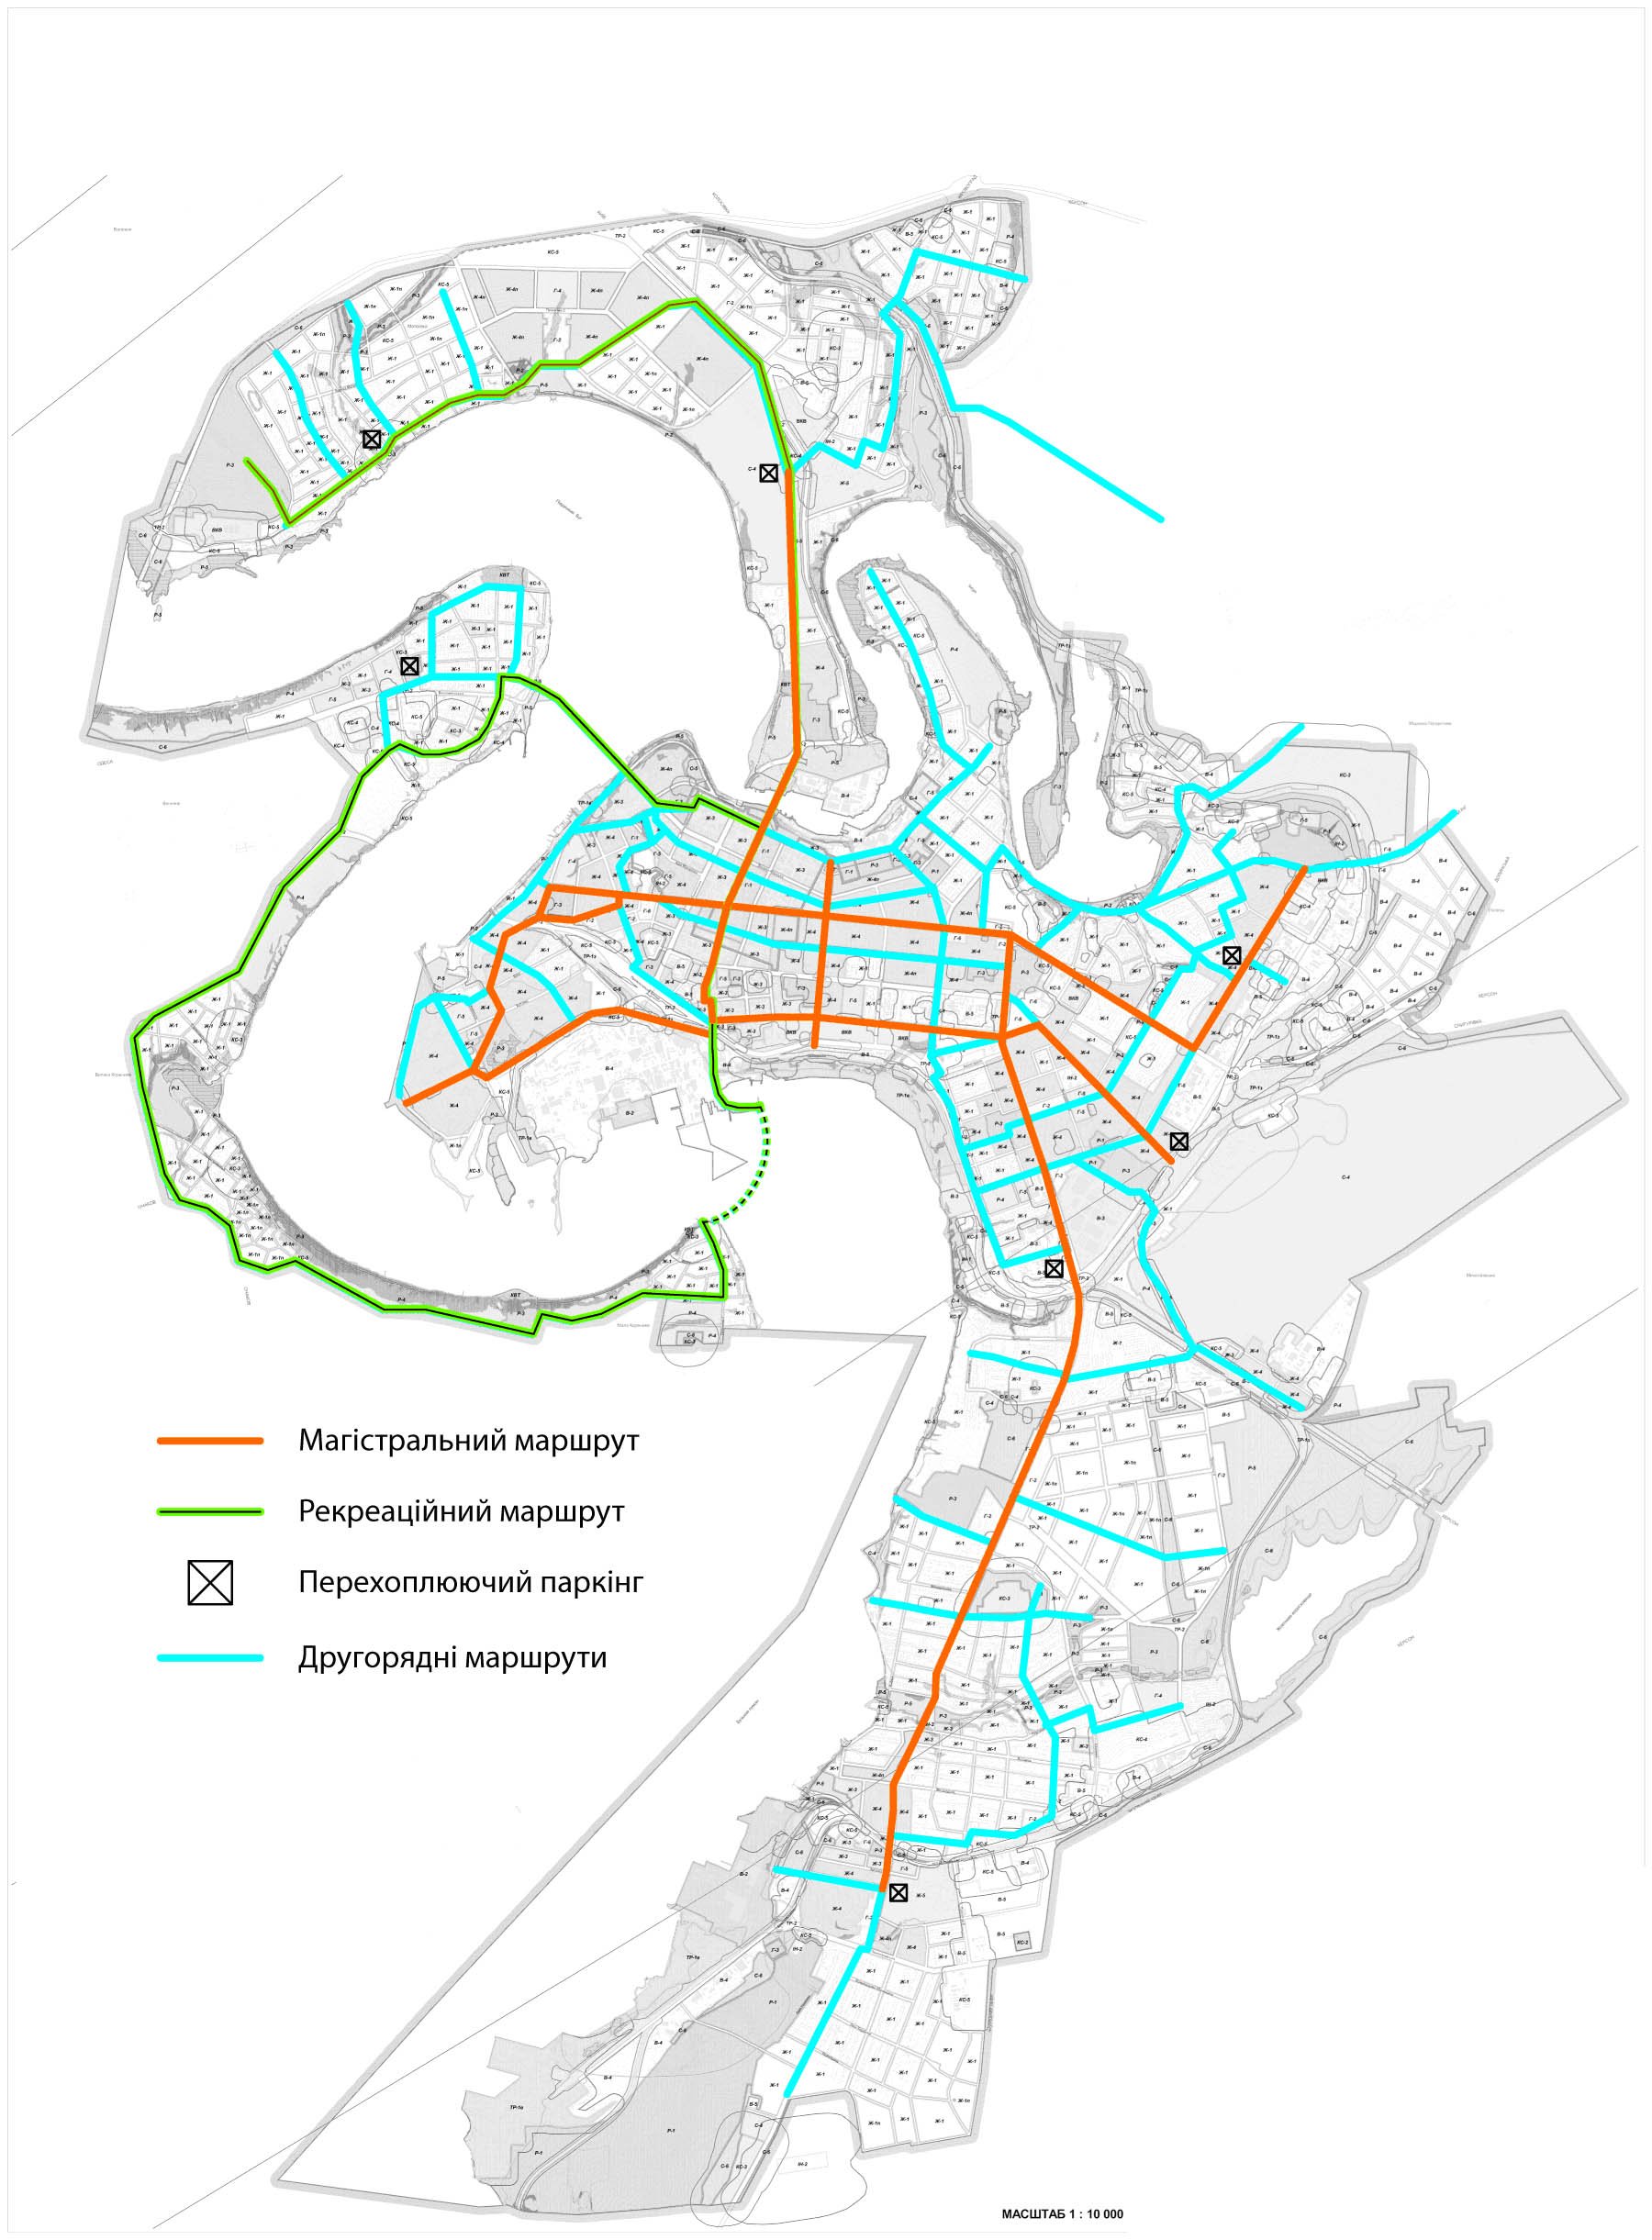 Схема велодорожек в городе Николаев, Украина